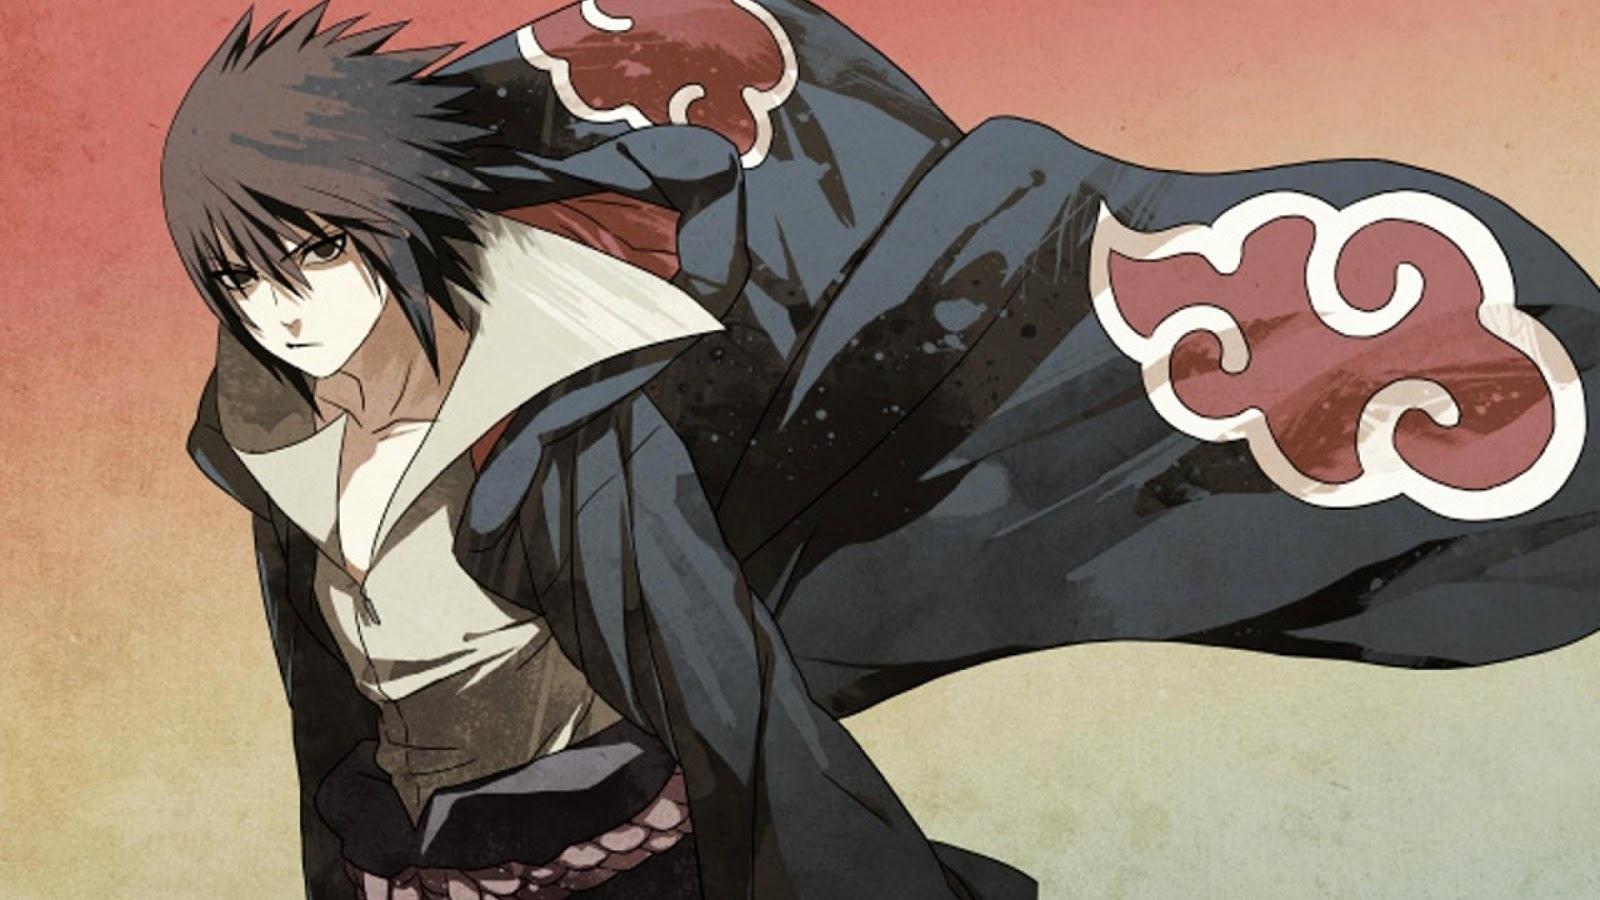 288 2888314 sasuke uchiha naruto wallpaper 4k